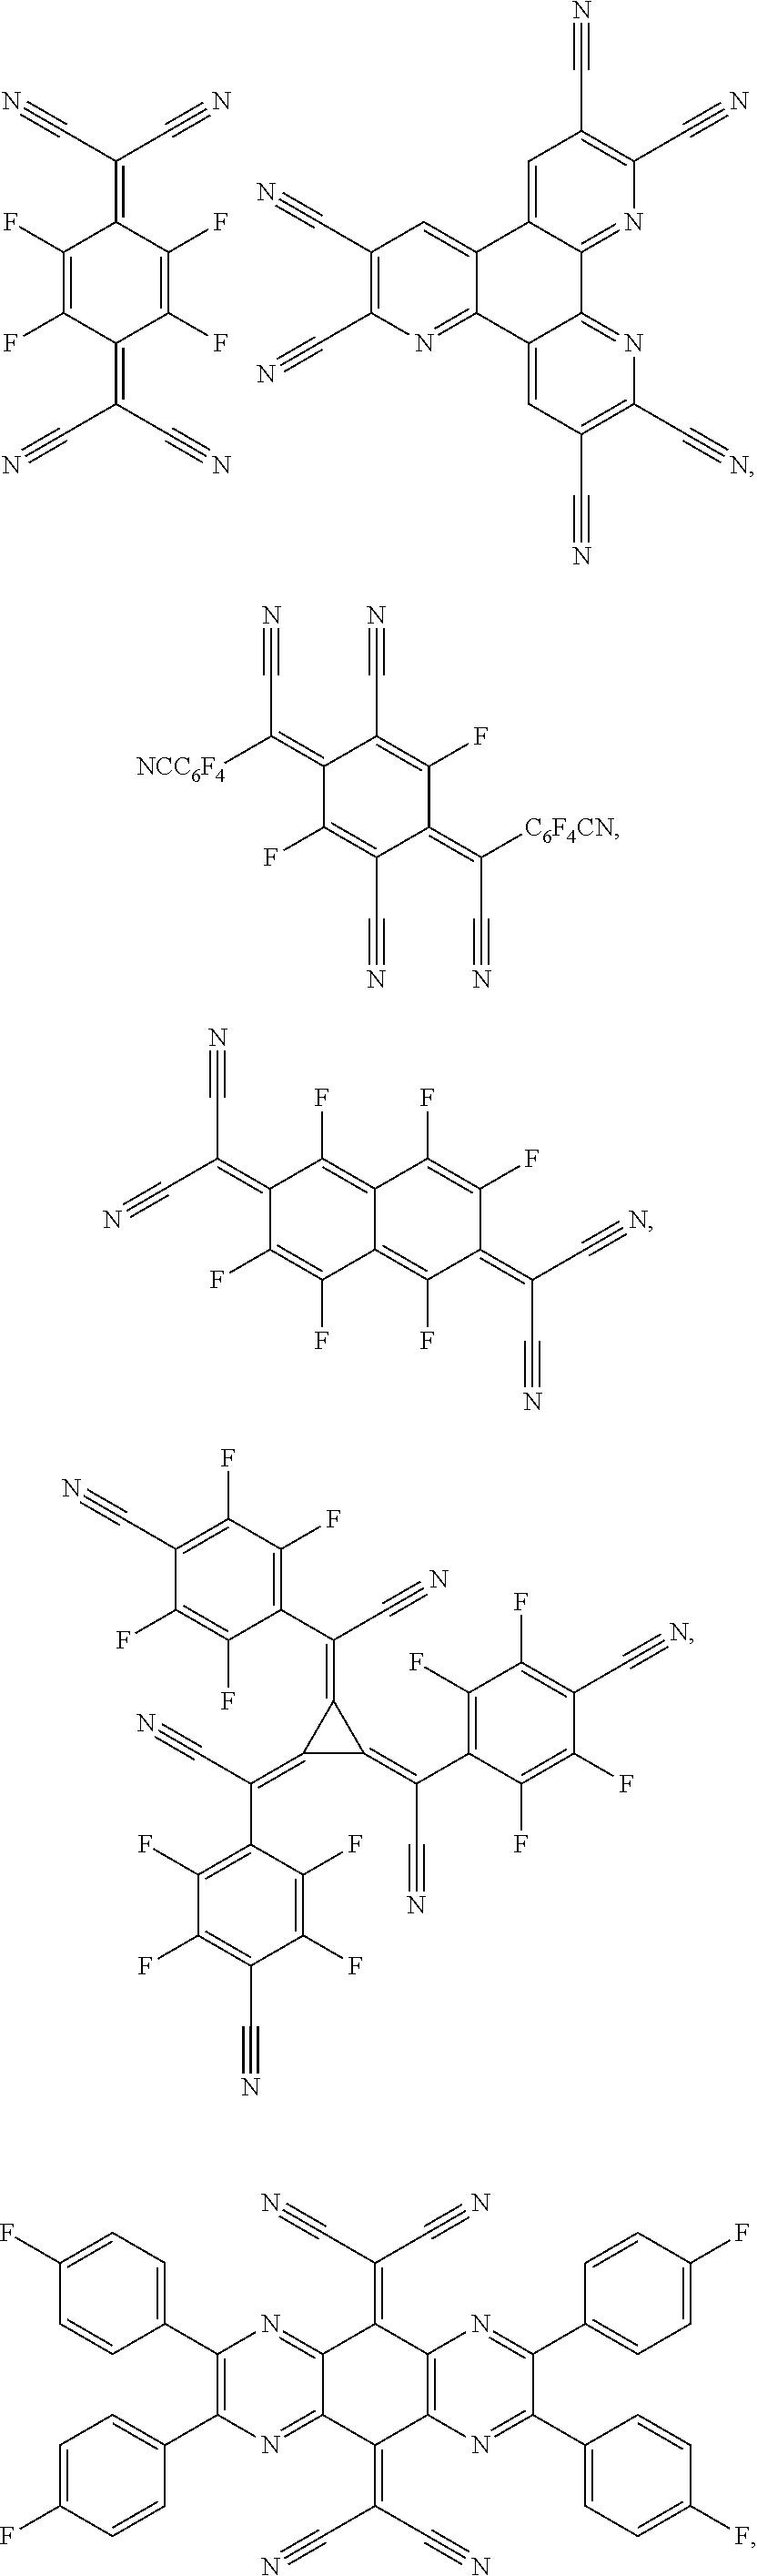 Figure US10144867-20181204-C00048